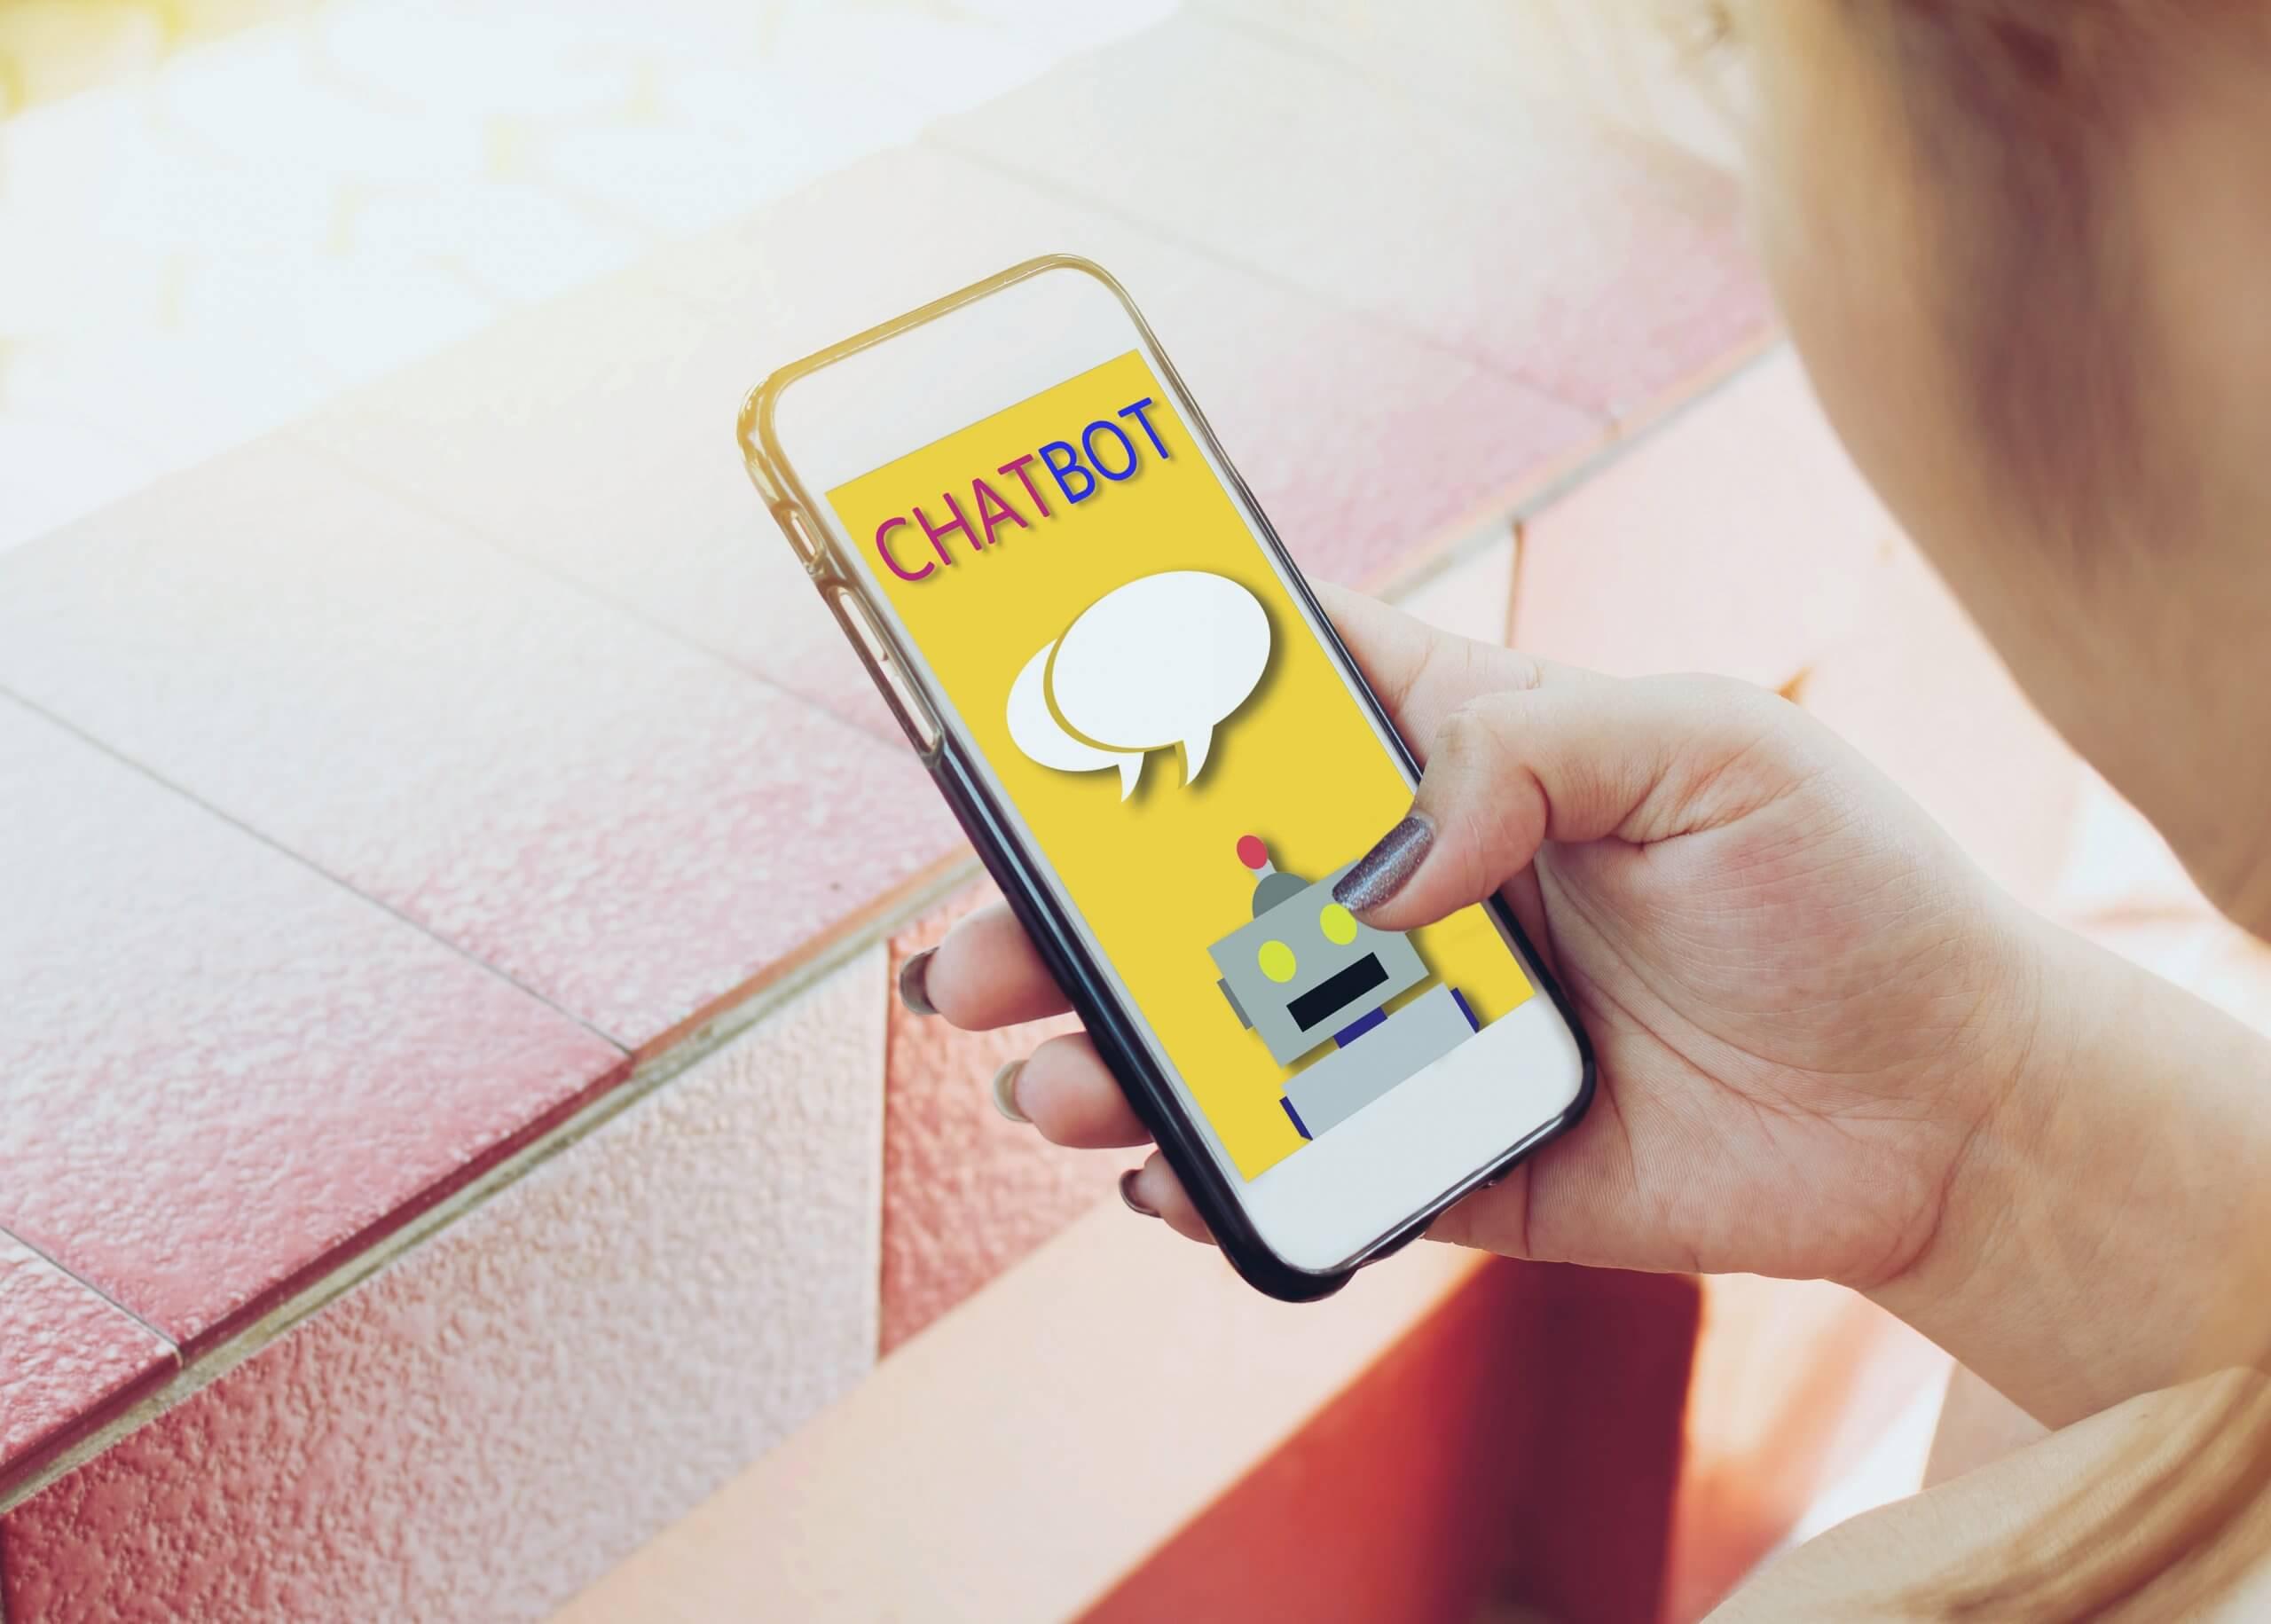 chatbot na smartfonie